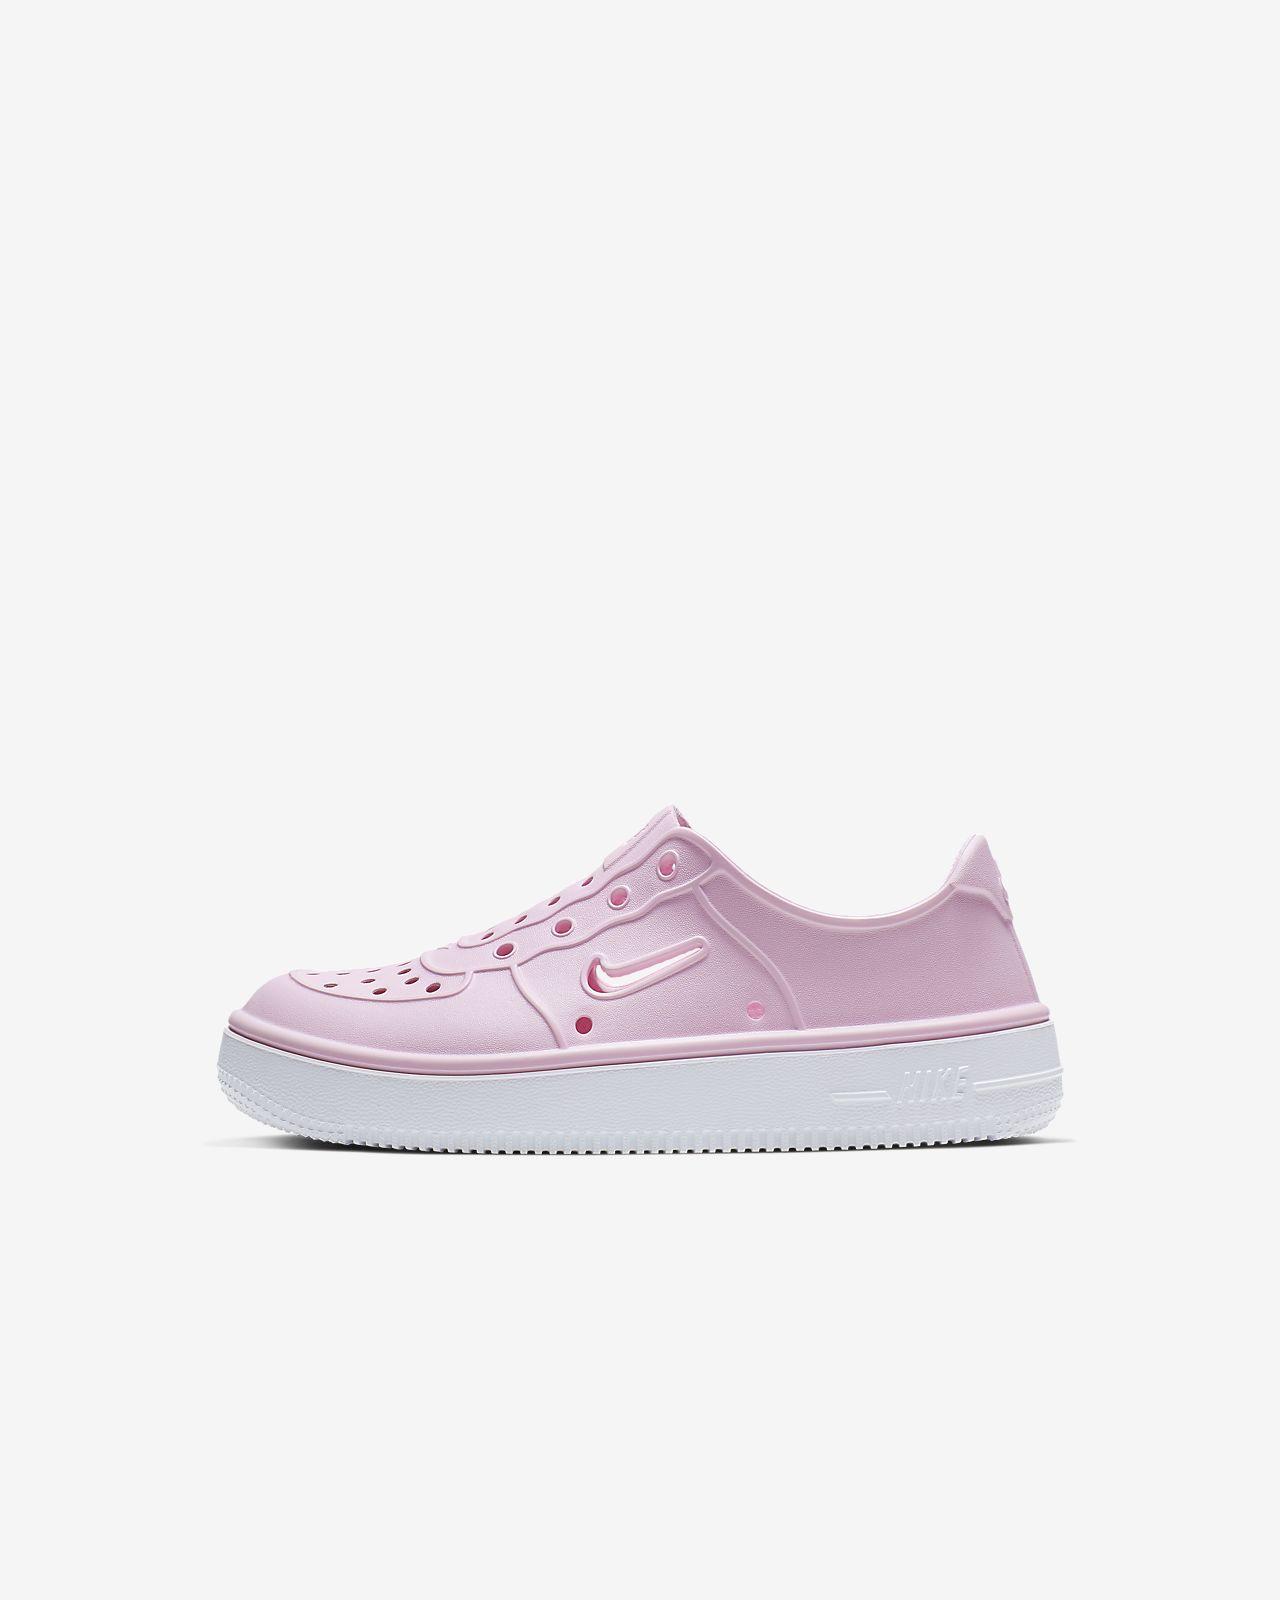 Nike Foam Force 1 Little Kids' Shoe